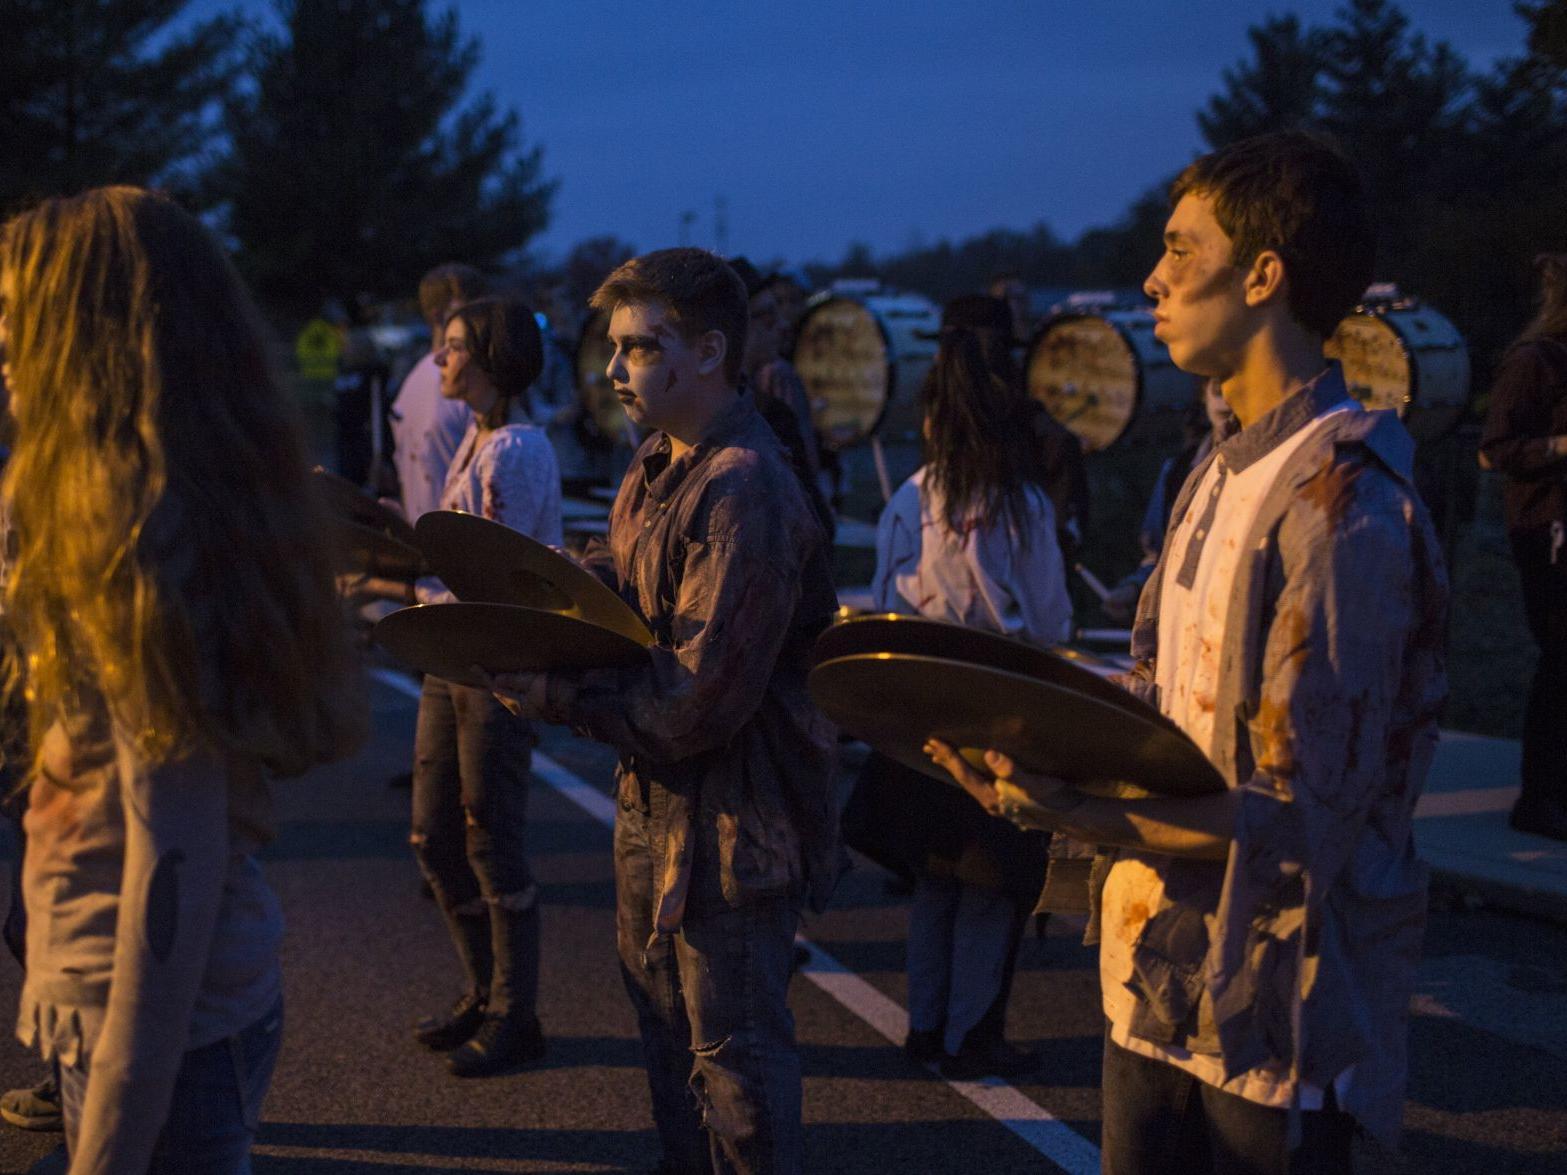 Edwardsville Il Halloween Parade 2020 Coronavirus claims another tradition: Edwardsville Halloween